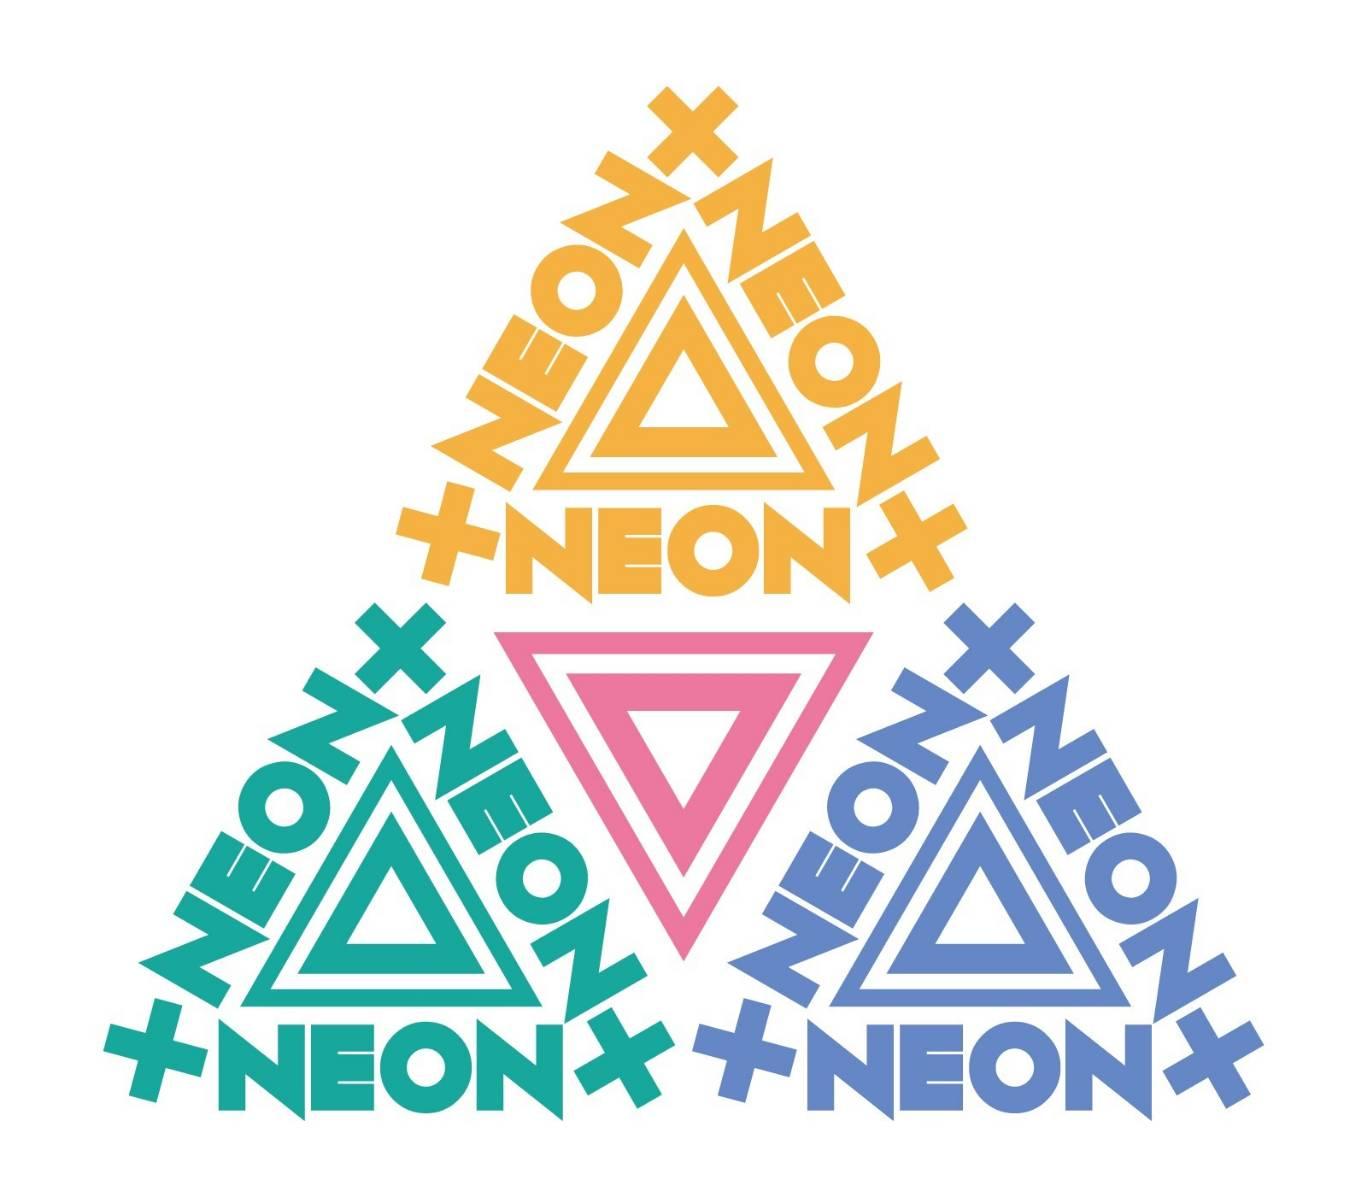 2019年7月22日(月) 『NEON×NEON×NEON』